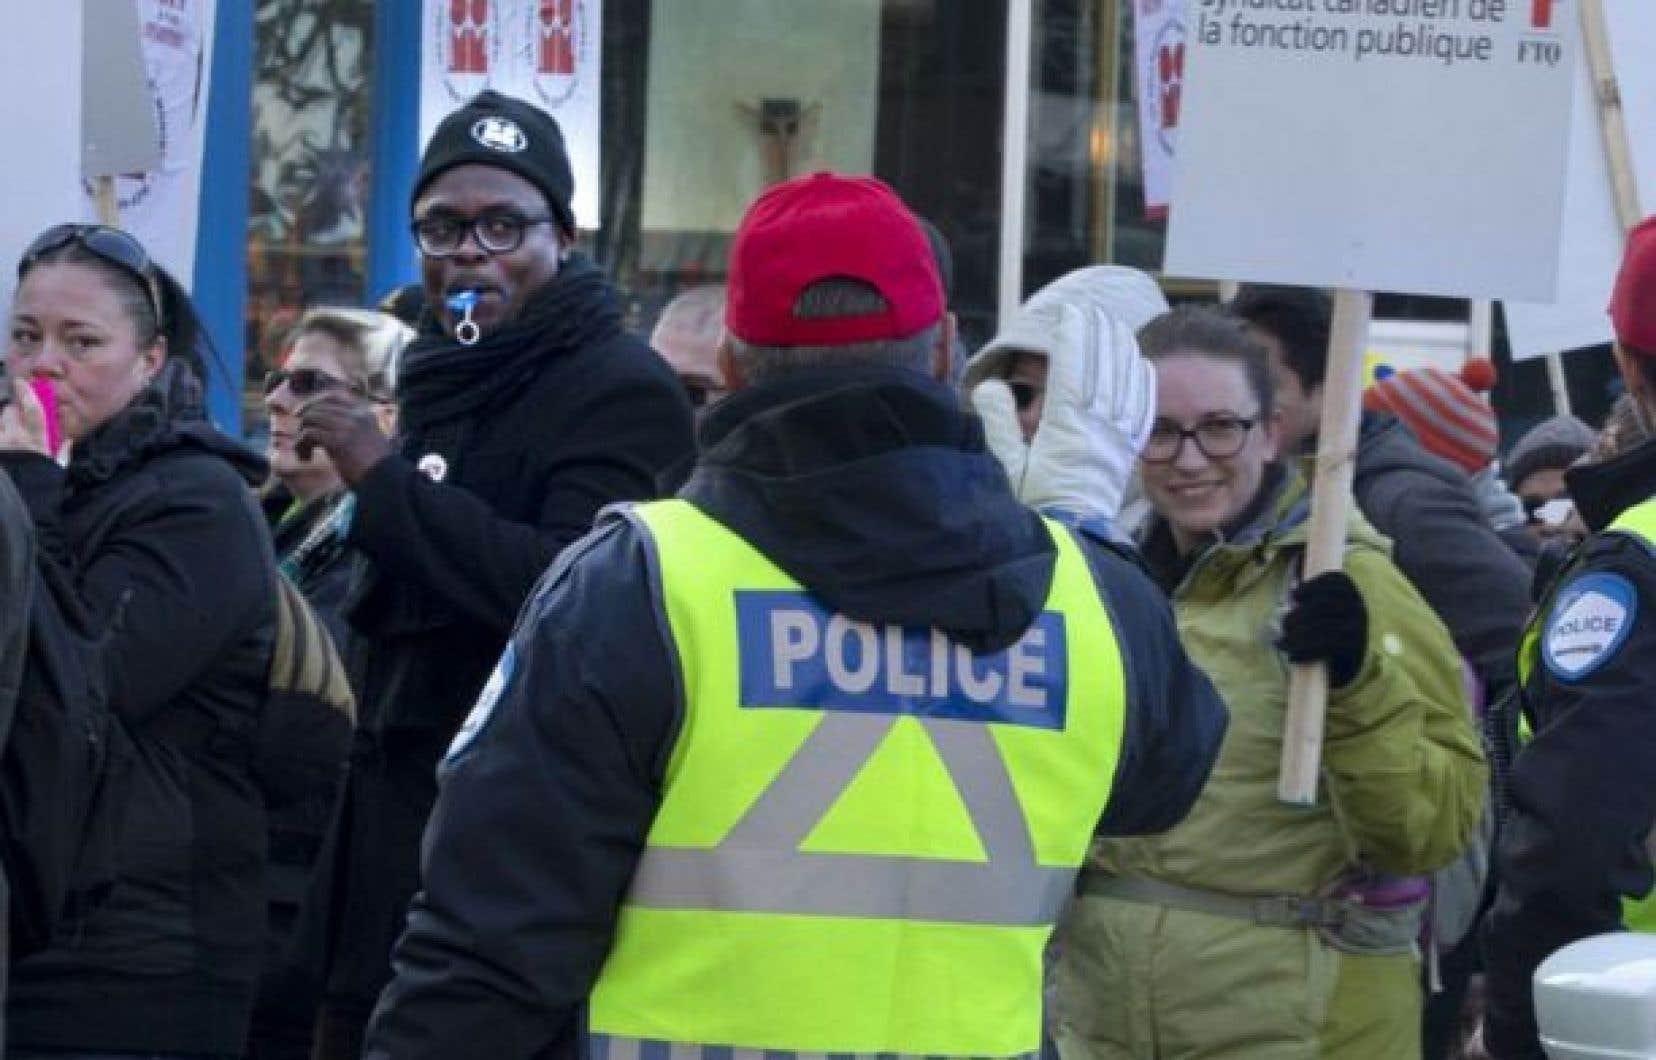 Des cols blancs de la Ville de Montréal lors d'une manifestation en décembre 2015